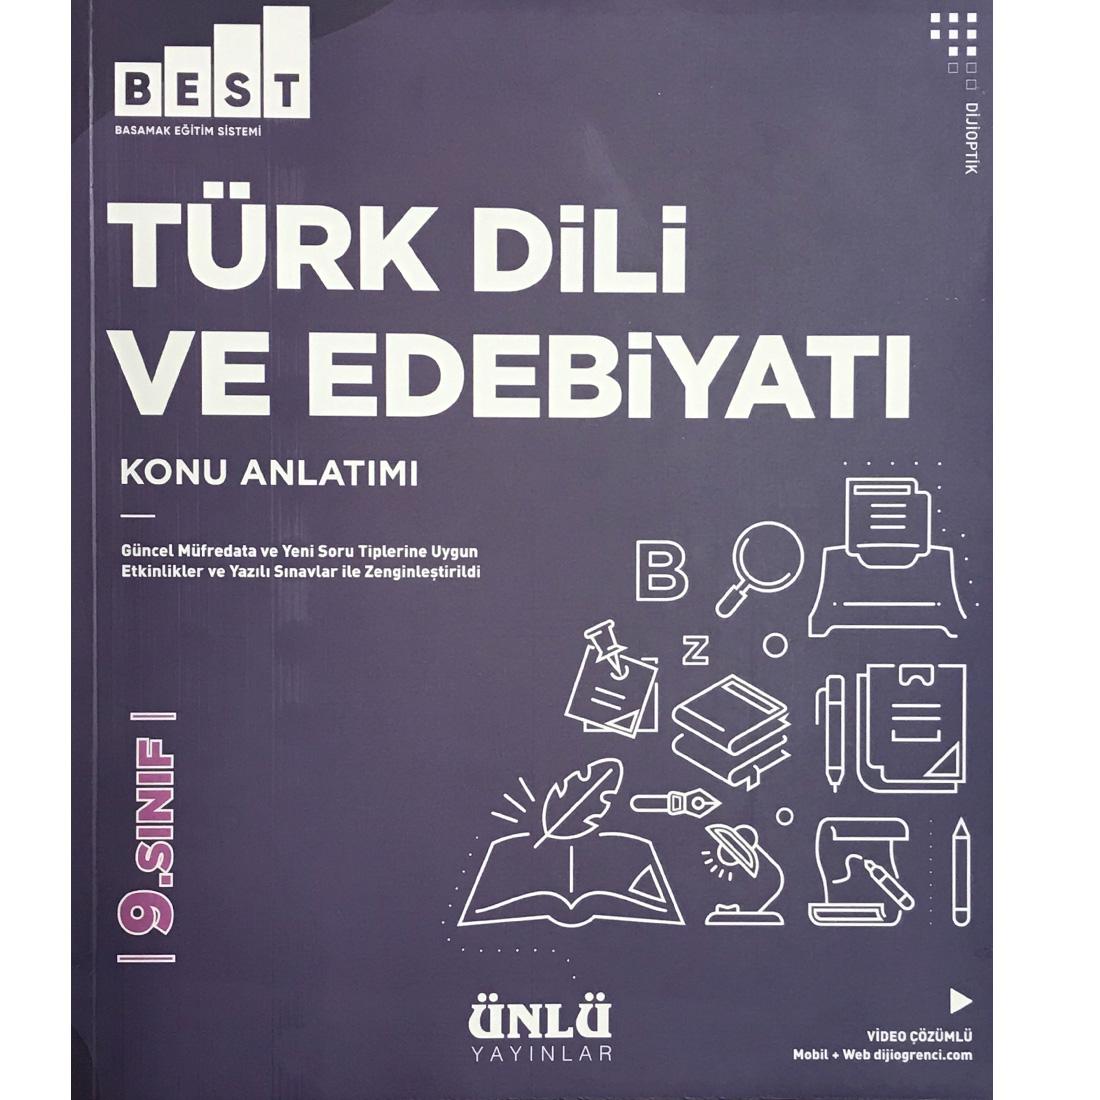 Kültür 9.Sınıf Best Türk Dili ve Edebiyatı Konu Anlatımı